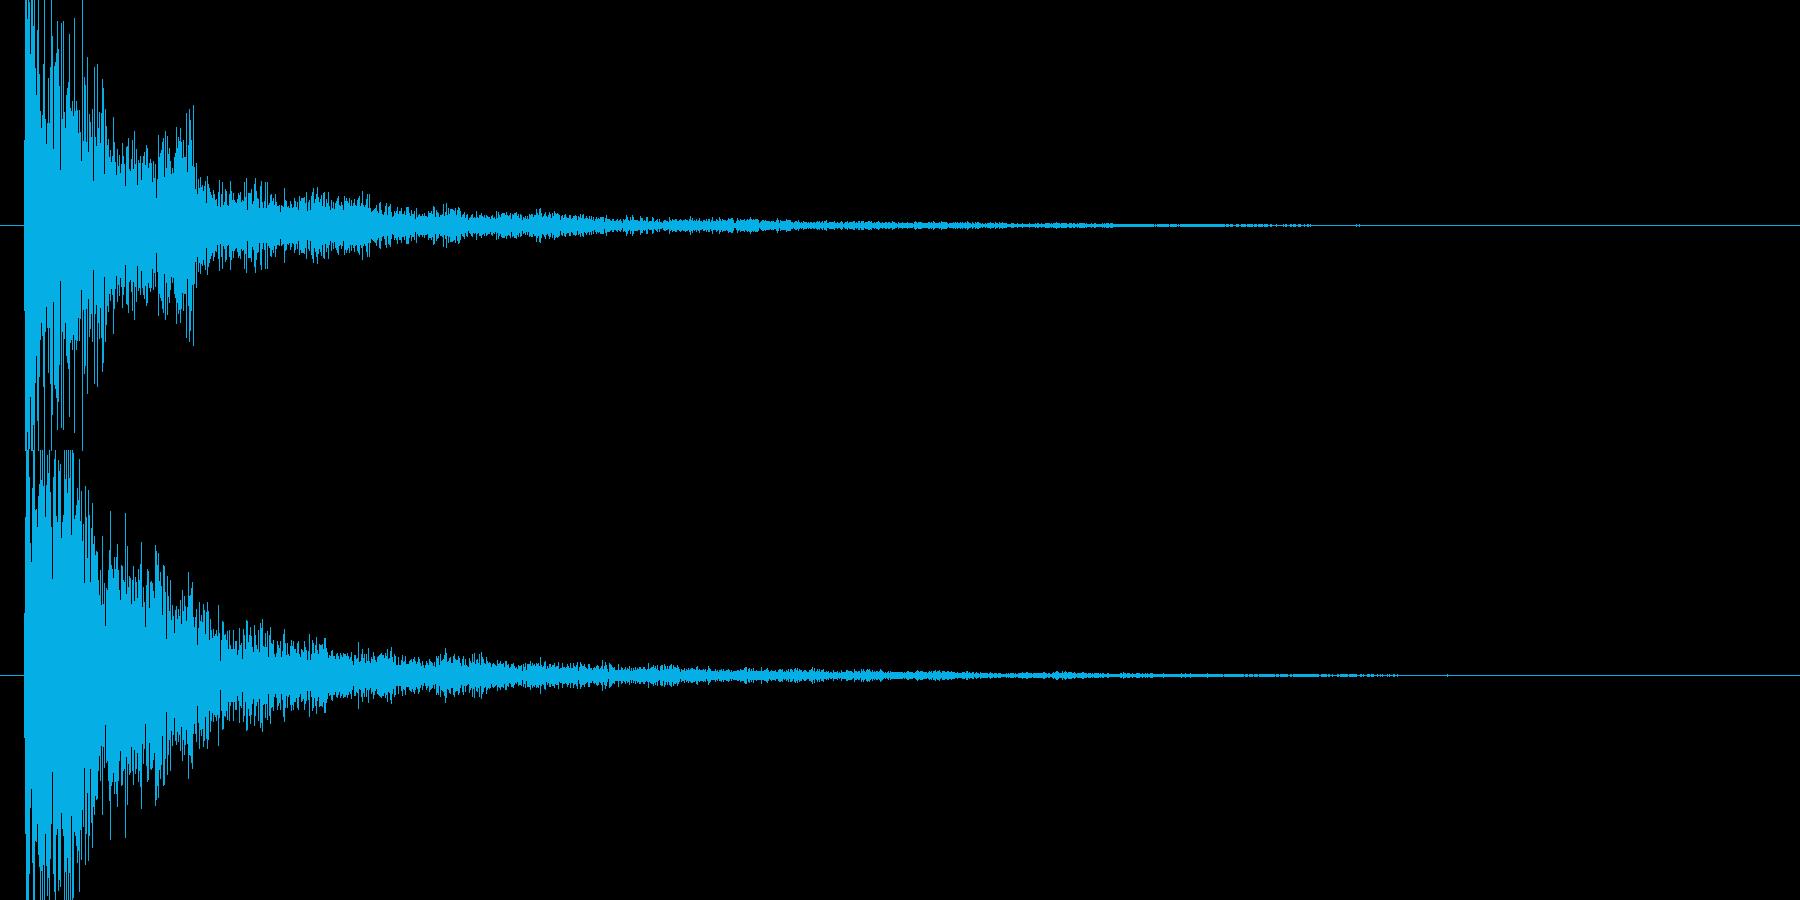 ジャーン和風スタートクリックの再生済みの波形